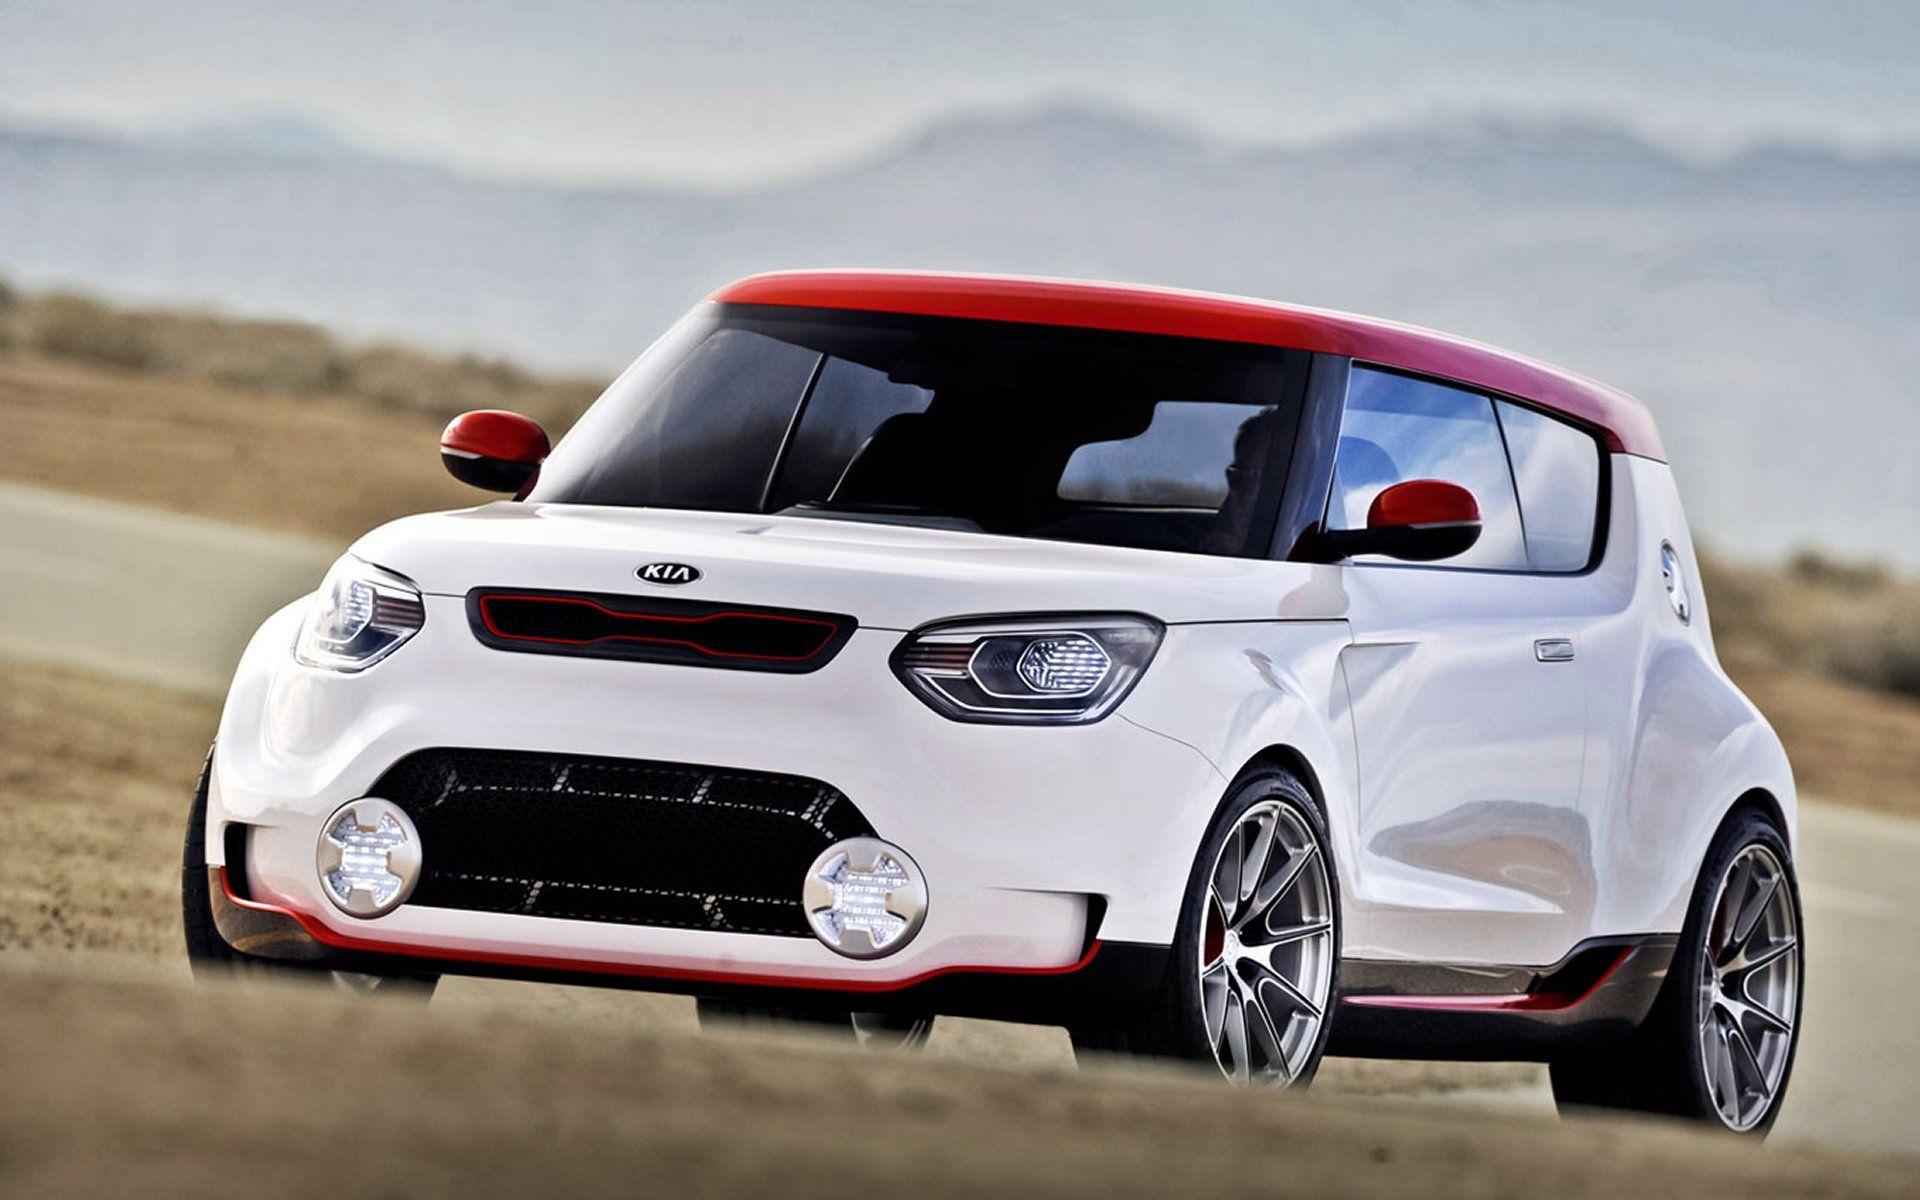 Kia Trackster Concept Kia Soul Kia Kia Motors America